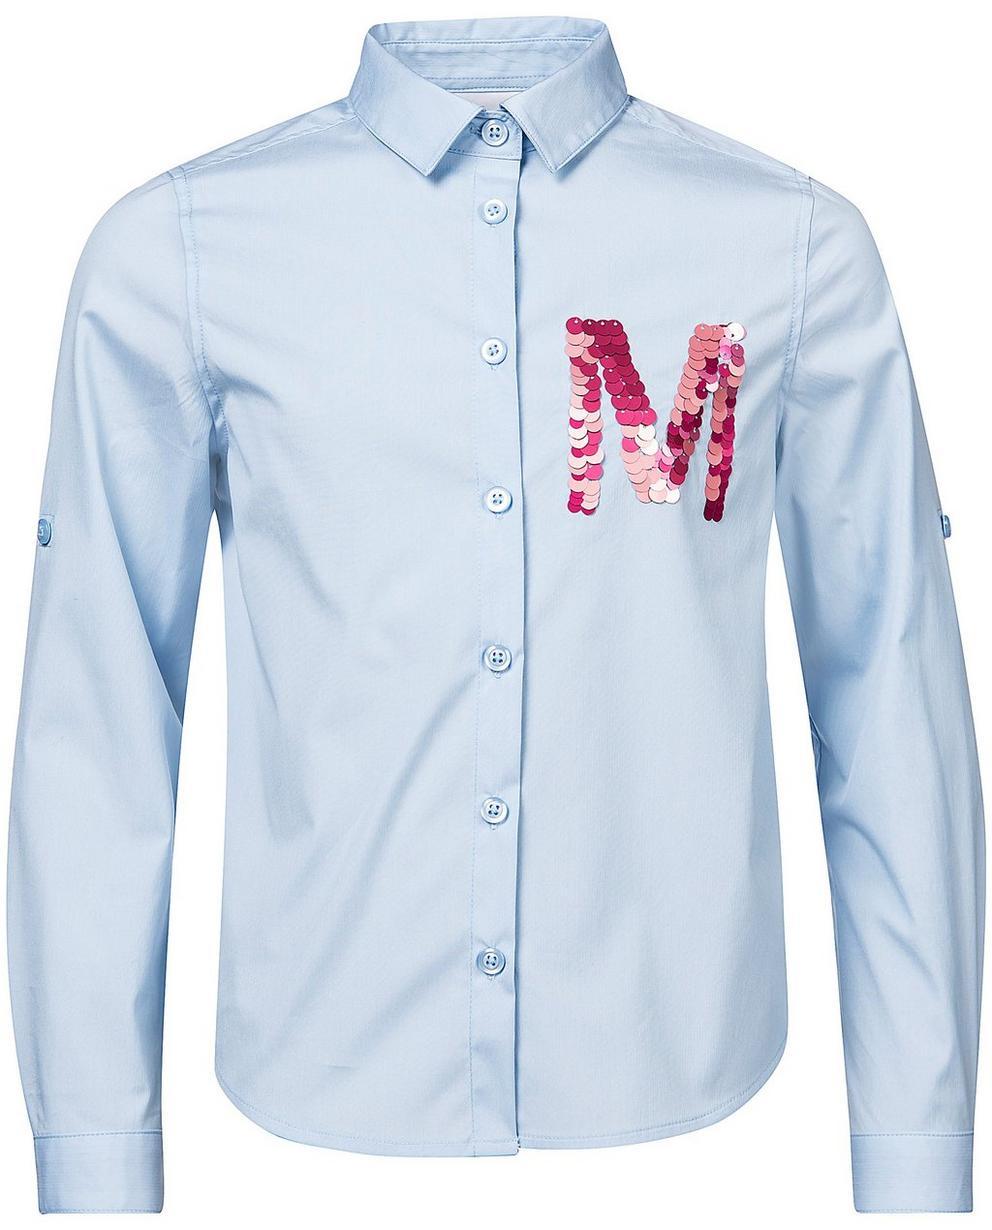 Hemden - Helltürkis - Bluse mit Paillettenbuchstabe